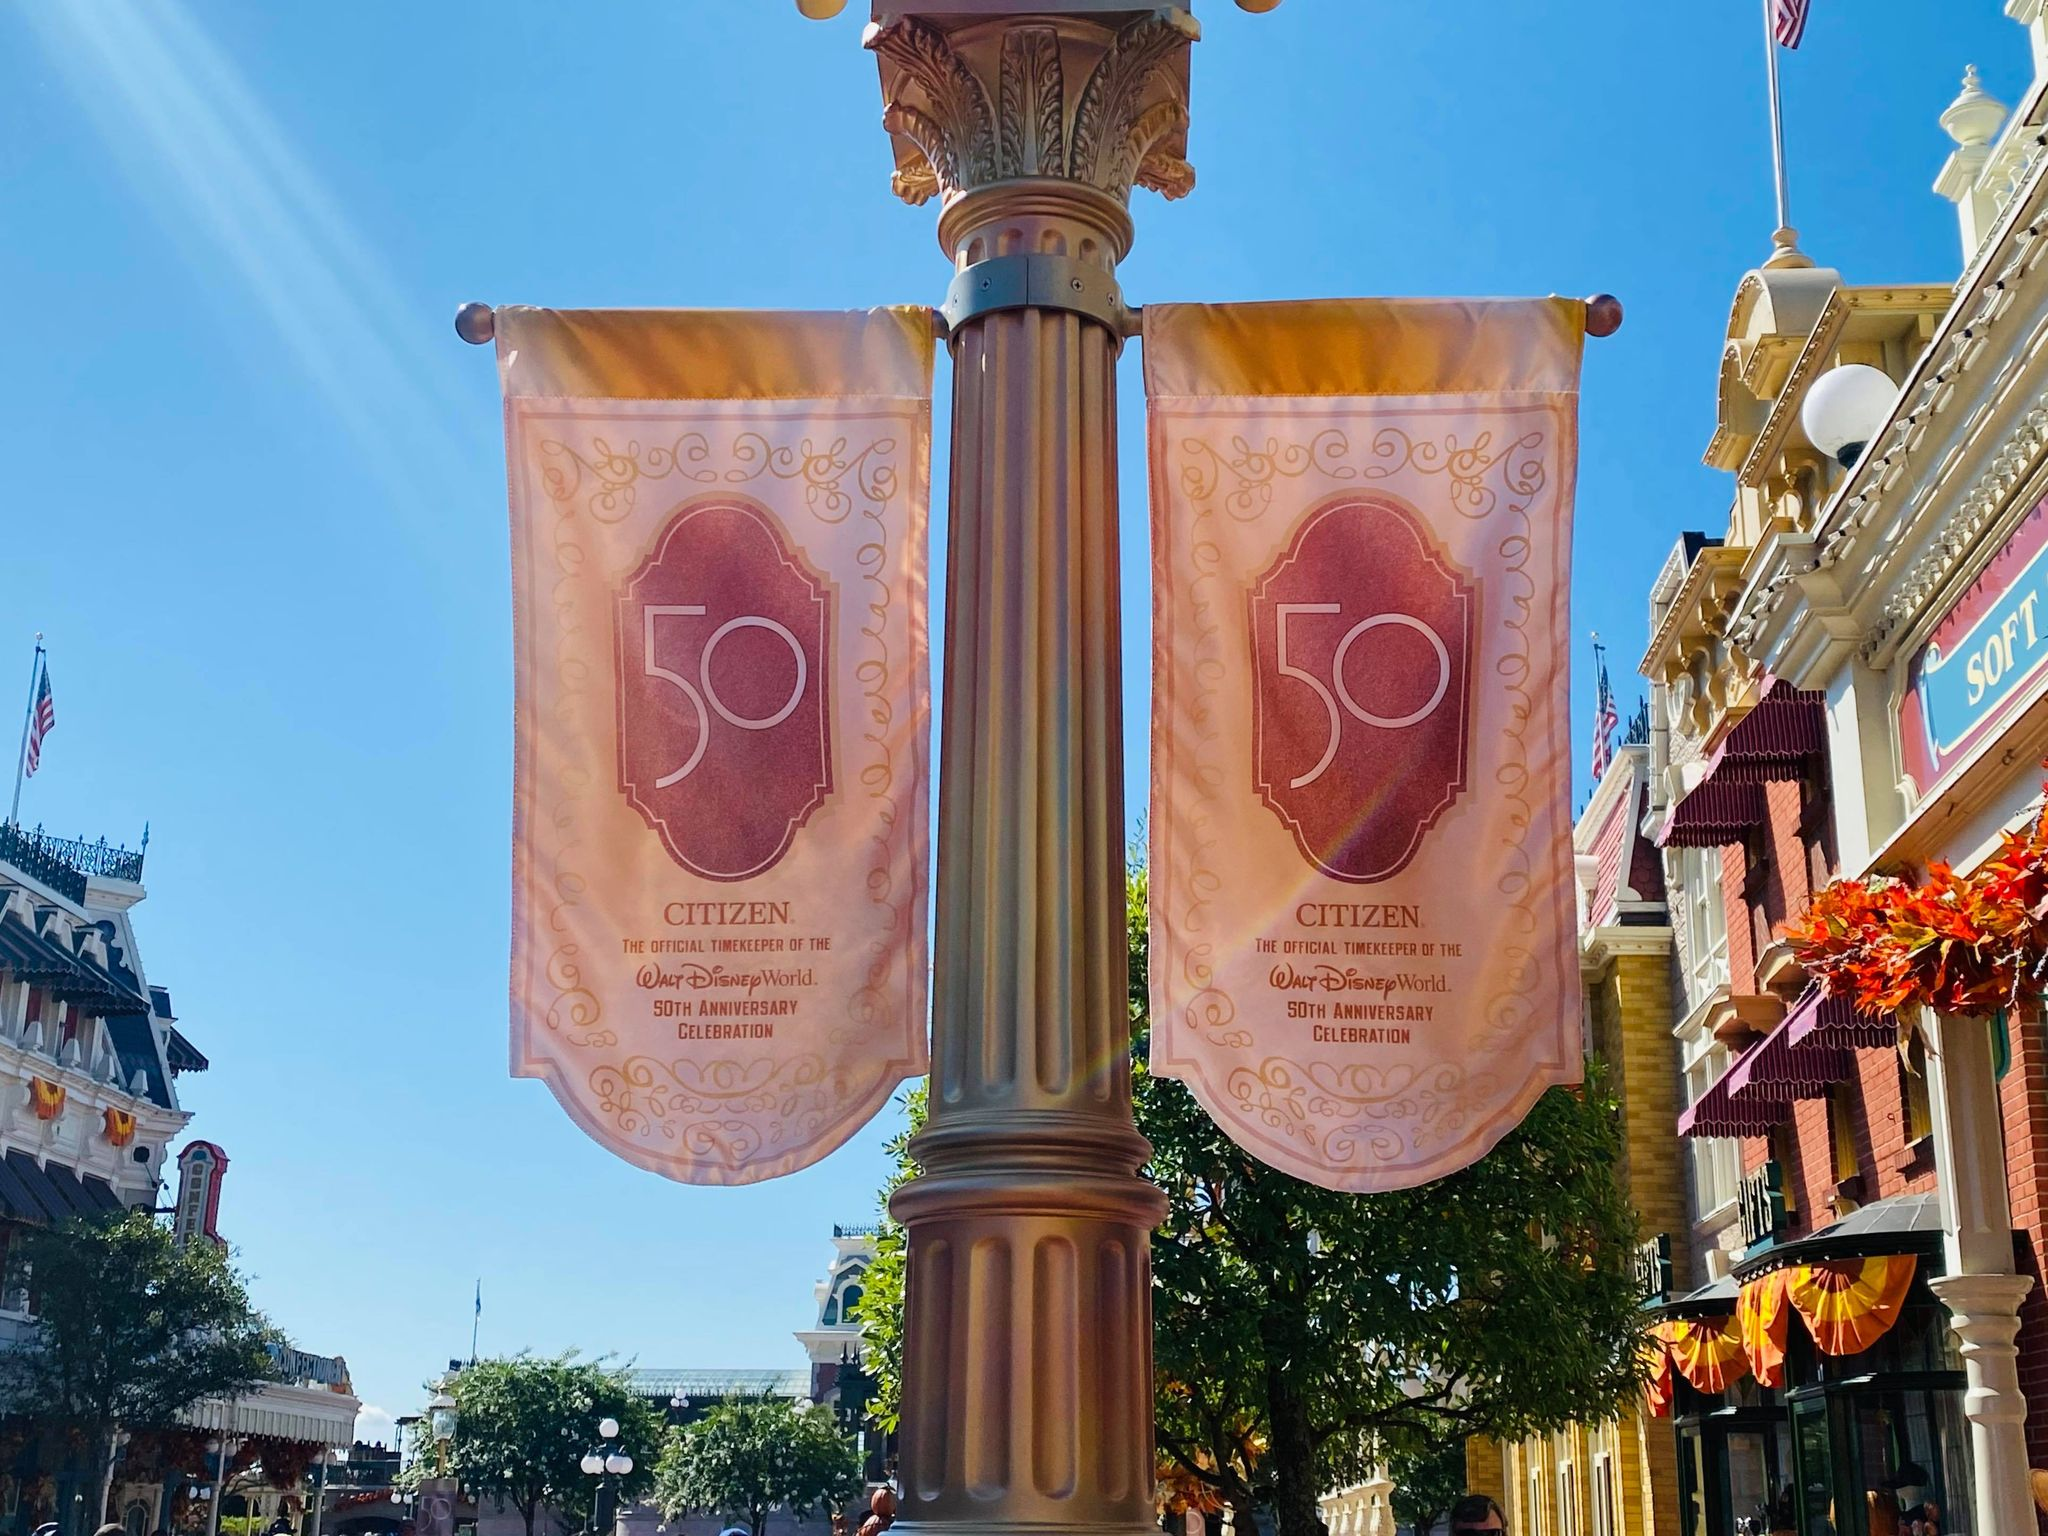 citizen main street clock banners